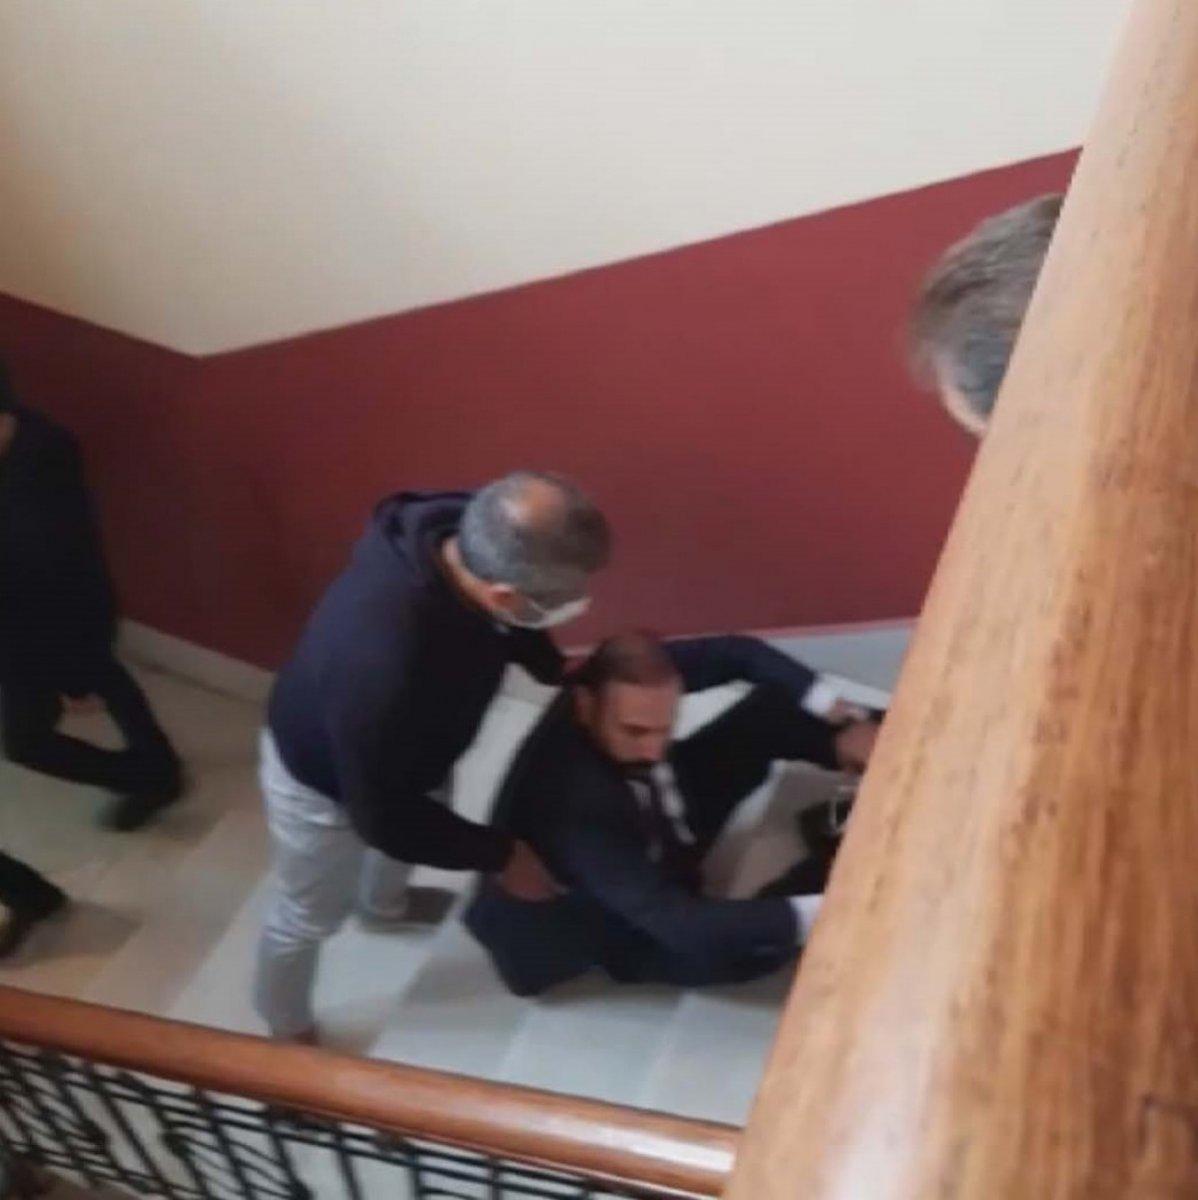 Büyükada da gergin tahliye: İBB ve TÜGVA'dan açıklama geldi #2